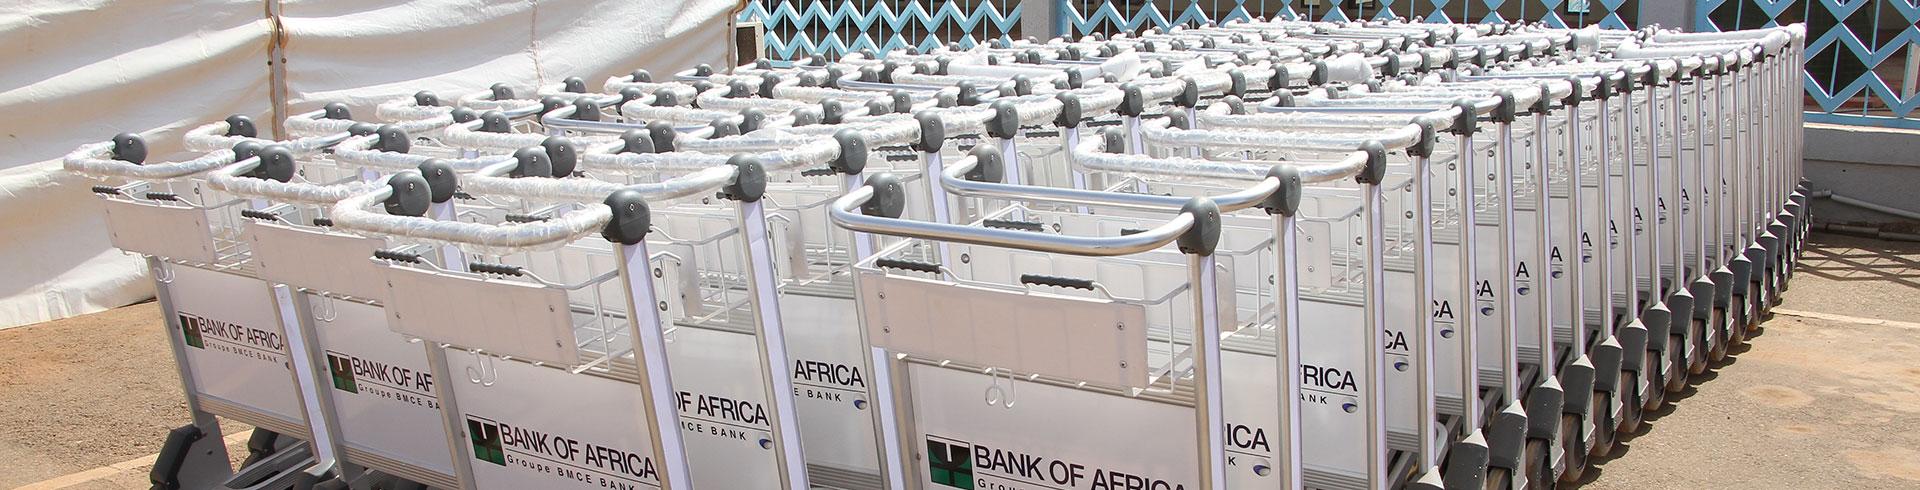 100 chariots bagages pour les aéroports du Burkina Faso (30-10-2020)